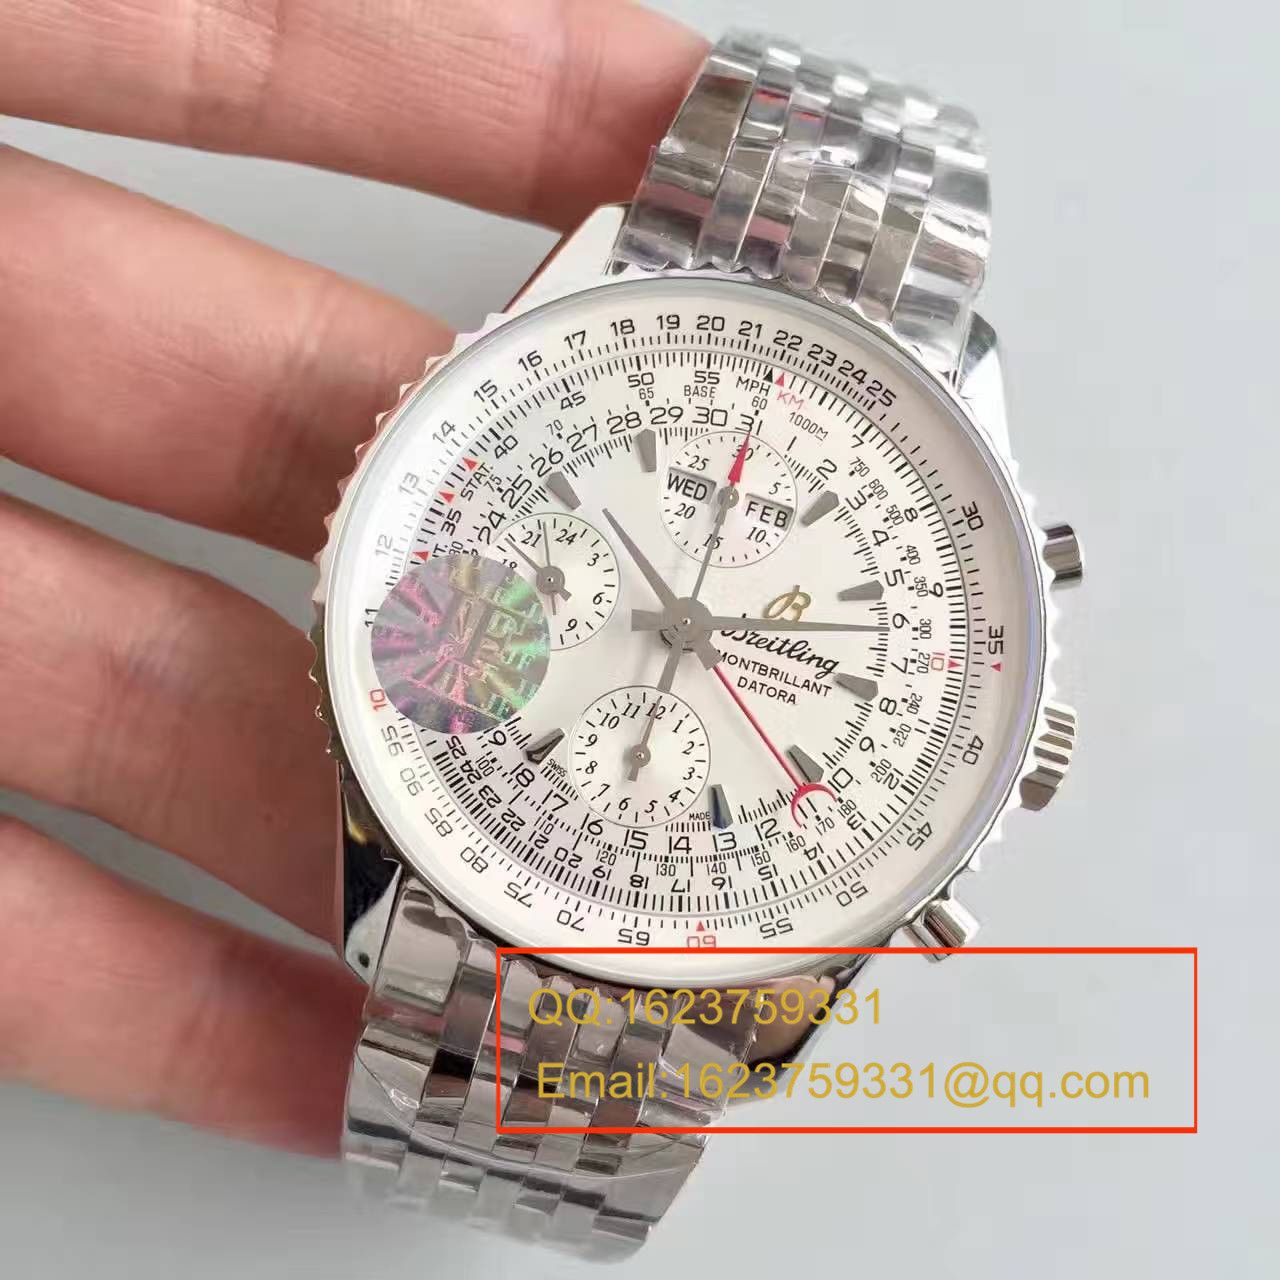 【JF一比一高仿手表】百年灵蒙柏朗计时系列A2133012-B571白盘腕表 / BL041